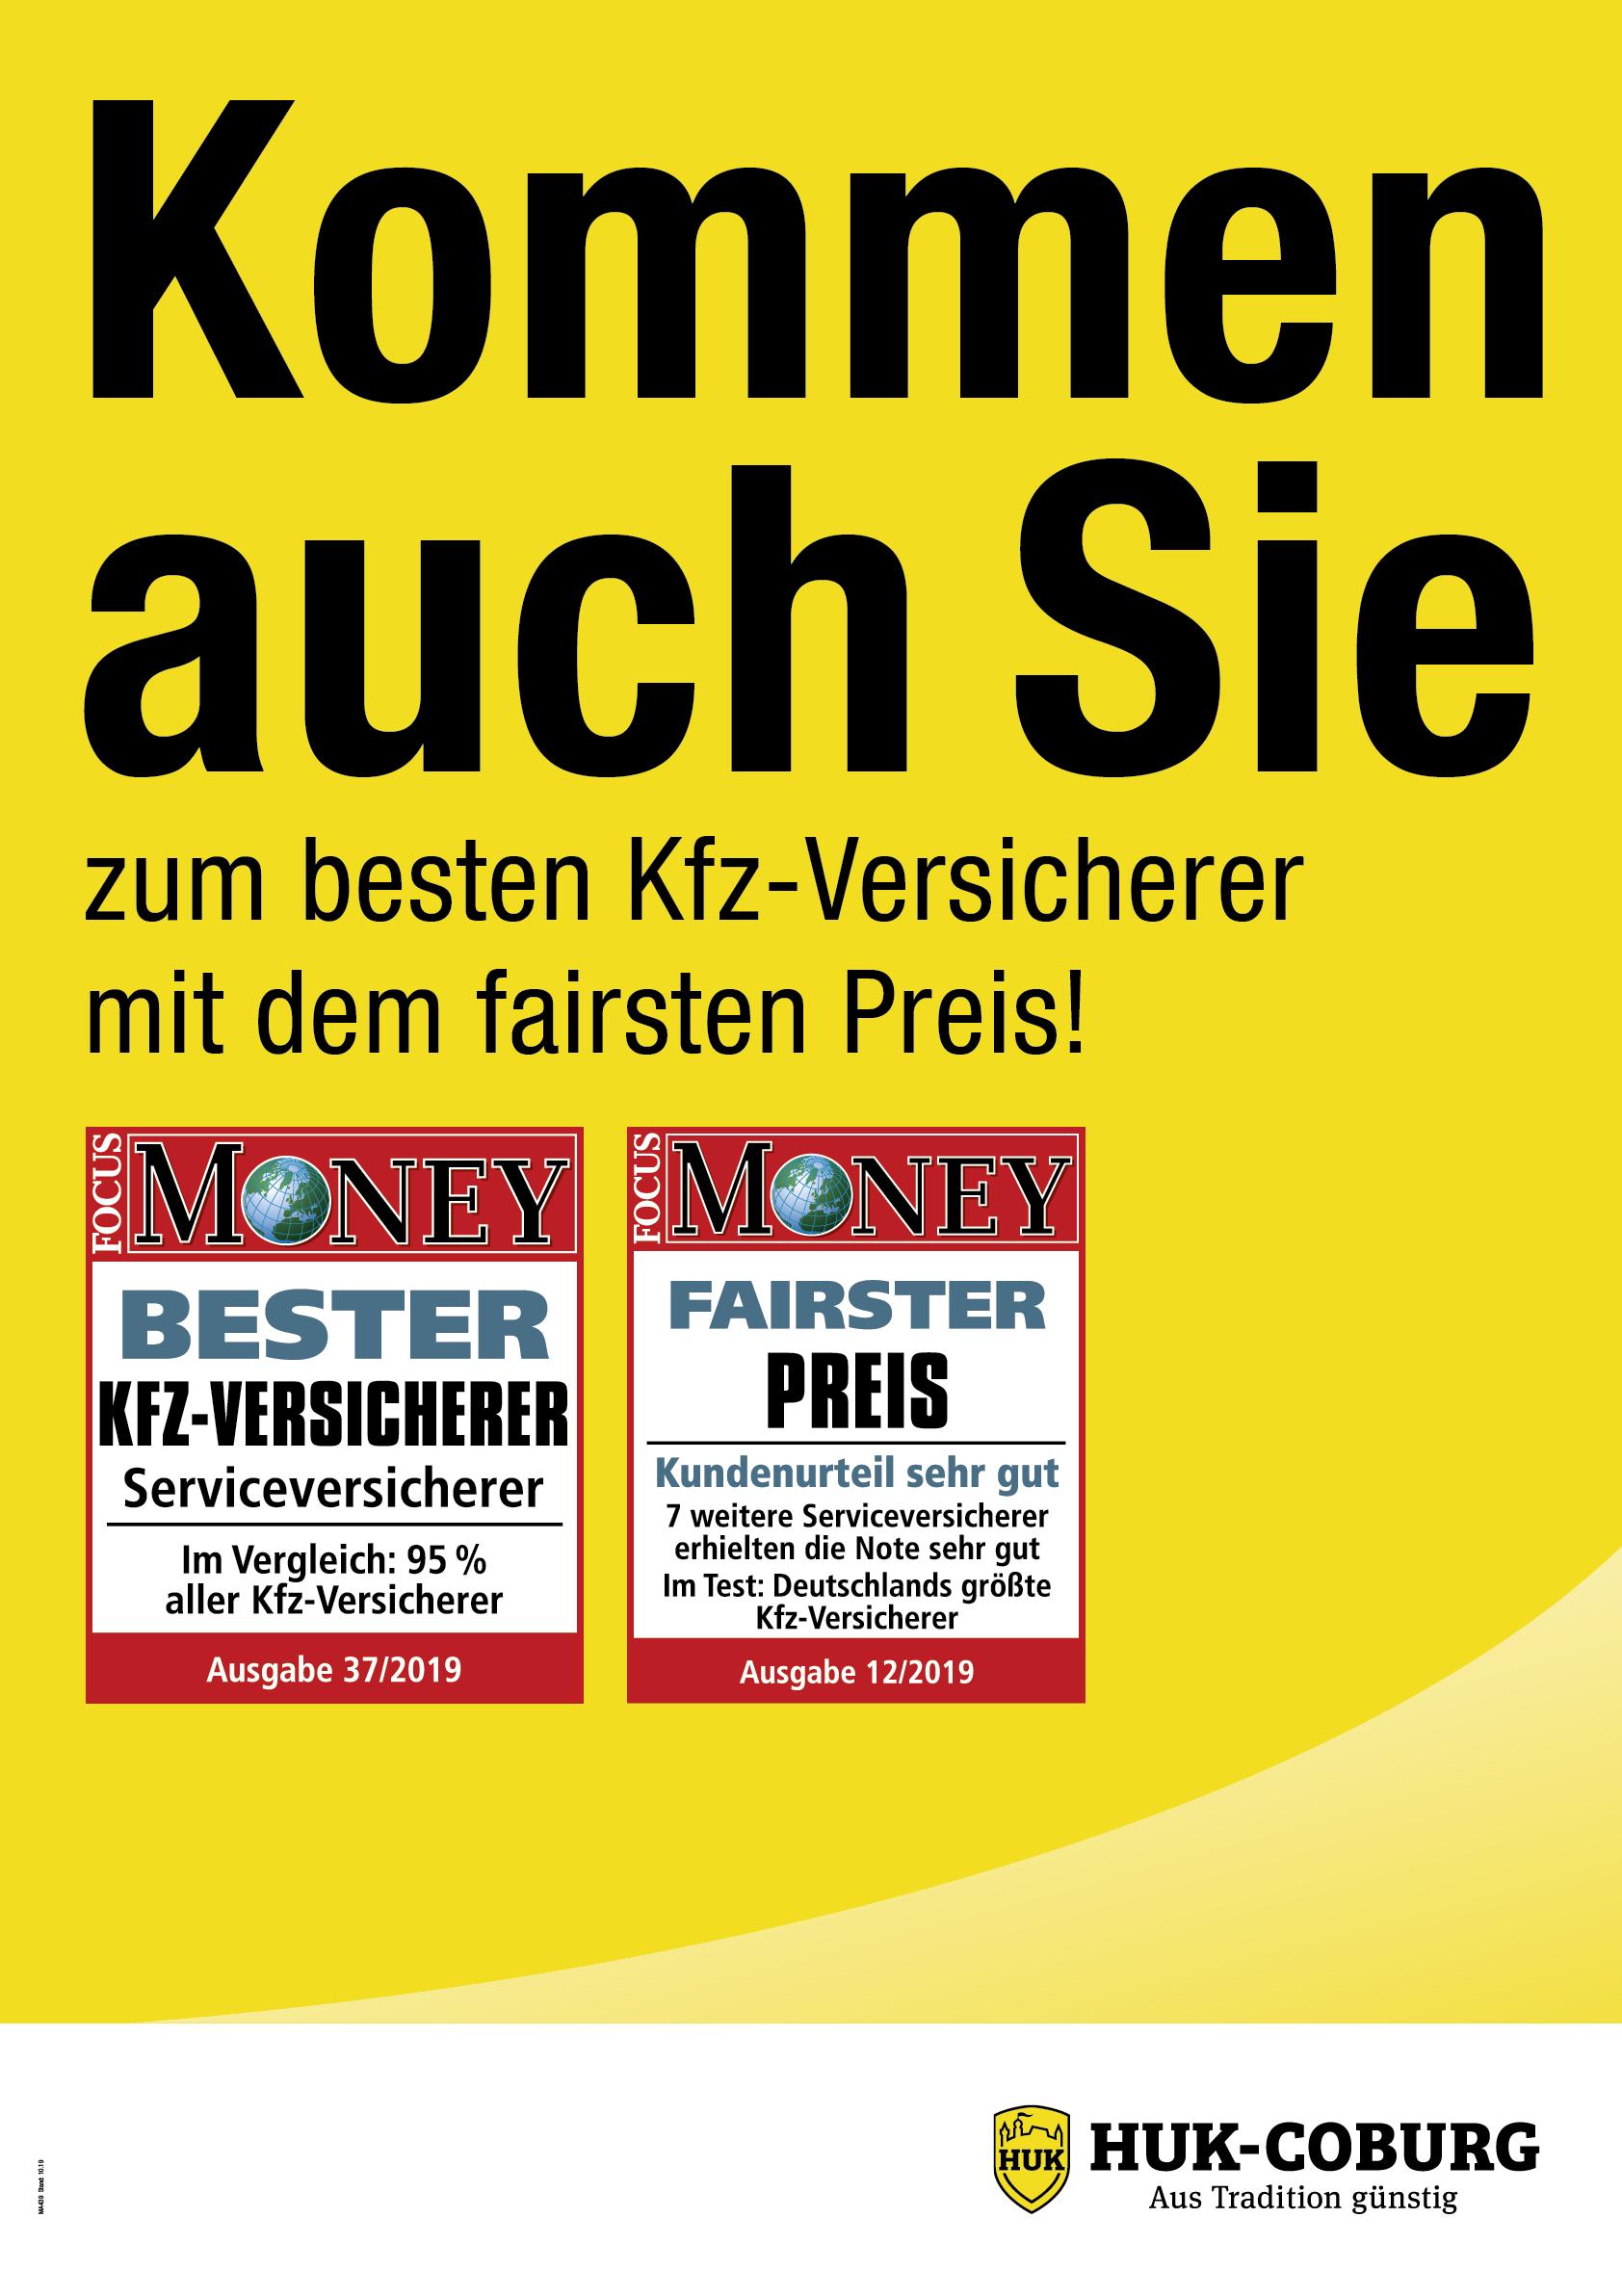 HUK-COBURG Versicherung Rudolf Laage in Köln - Klettenberg